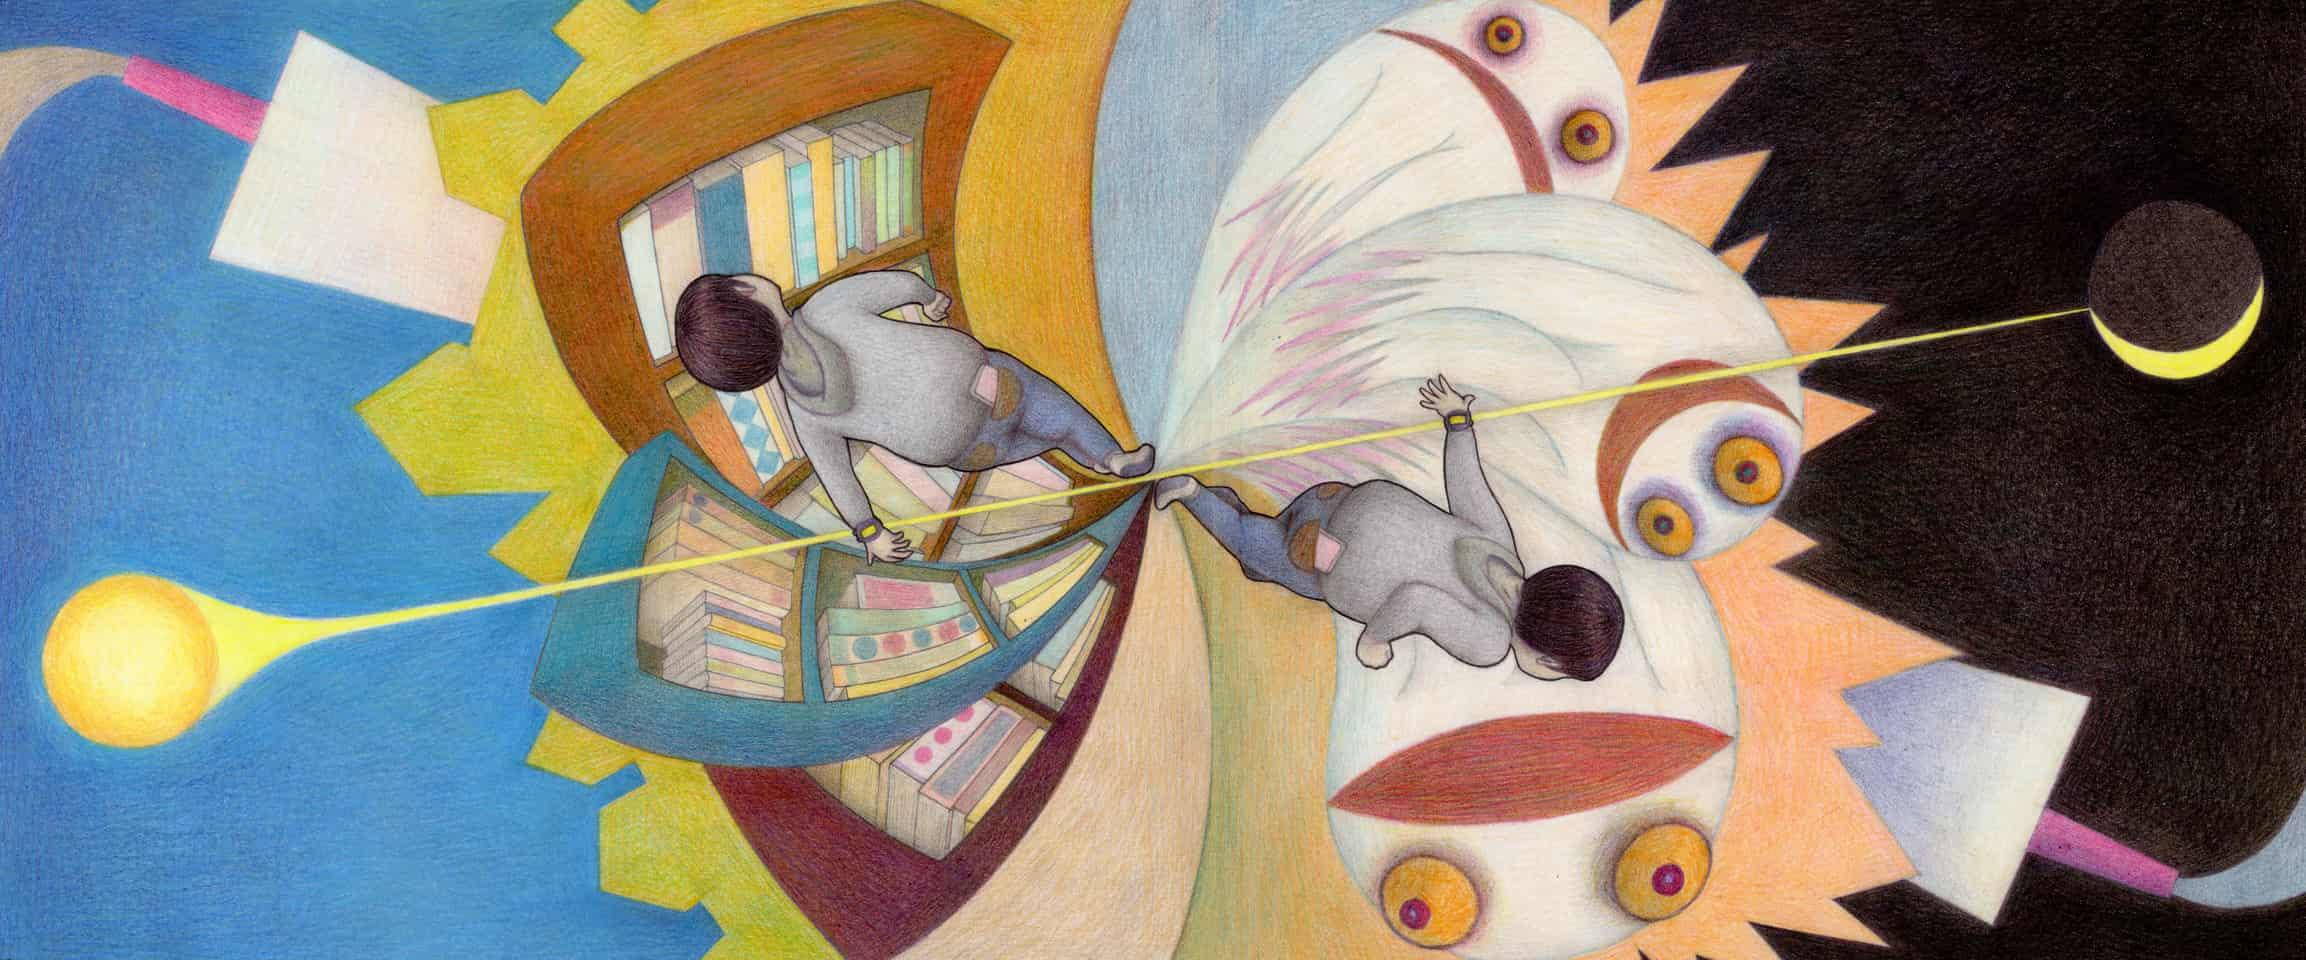 『ぐるりと』カバーイラスト Illust of よこぜきしげる Spinning_contest